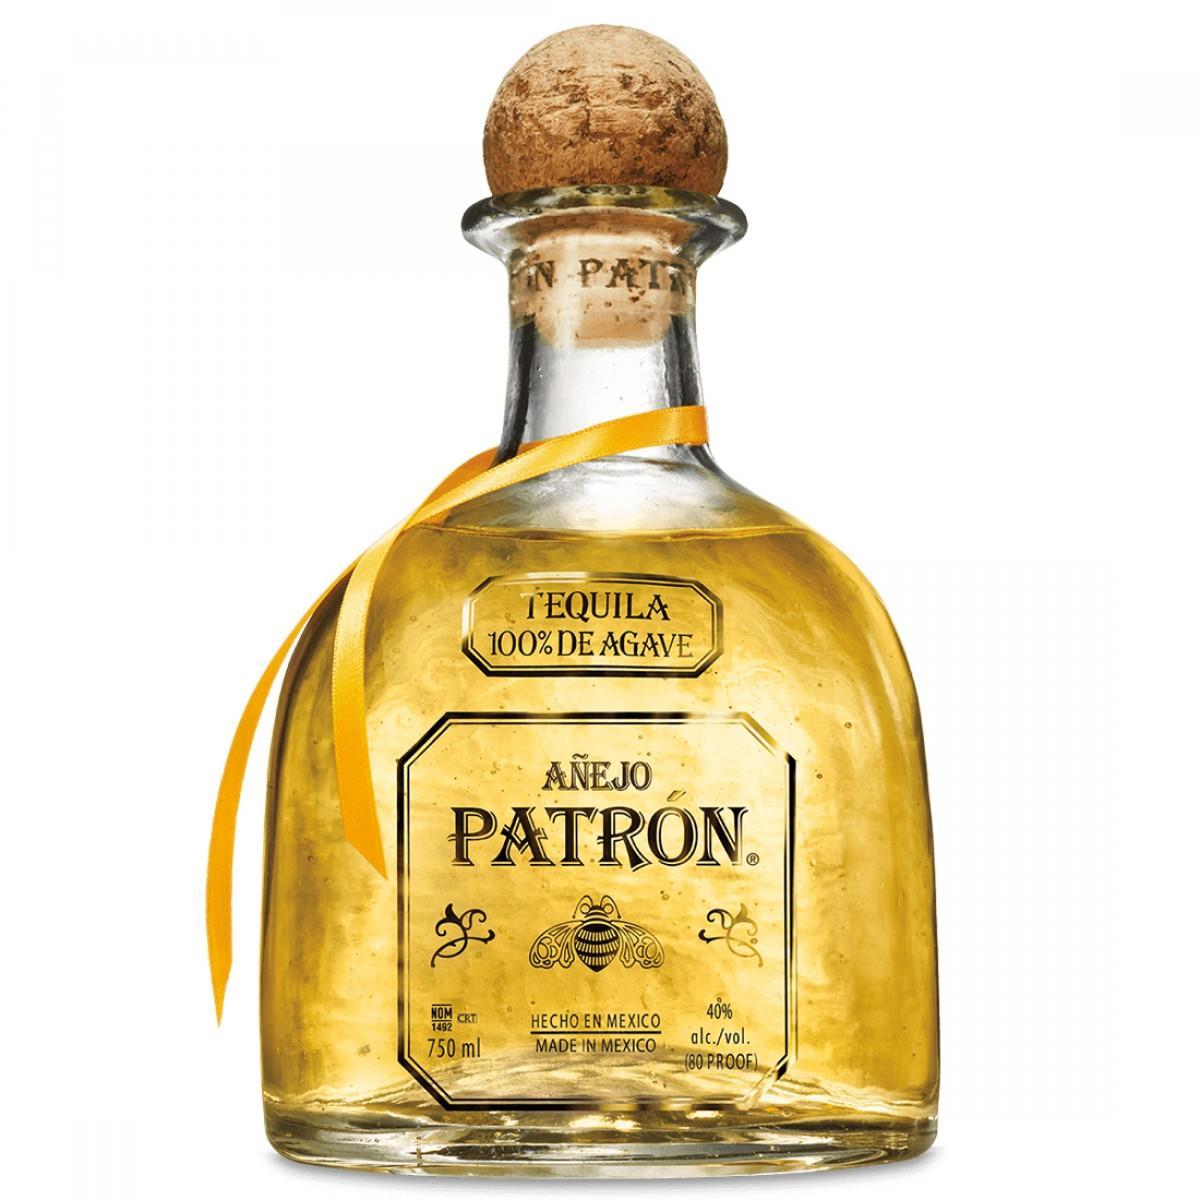 Patron Anejo Tequila 700ml